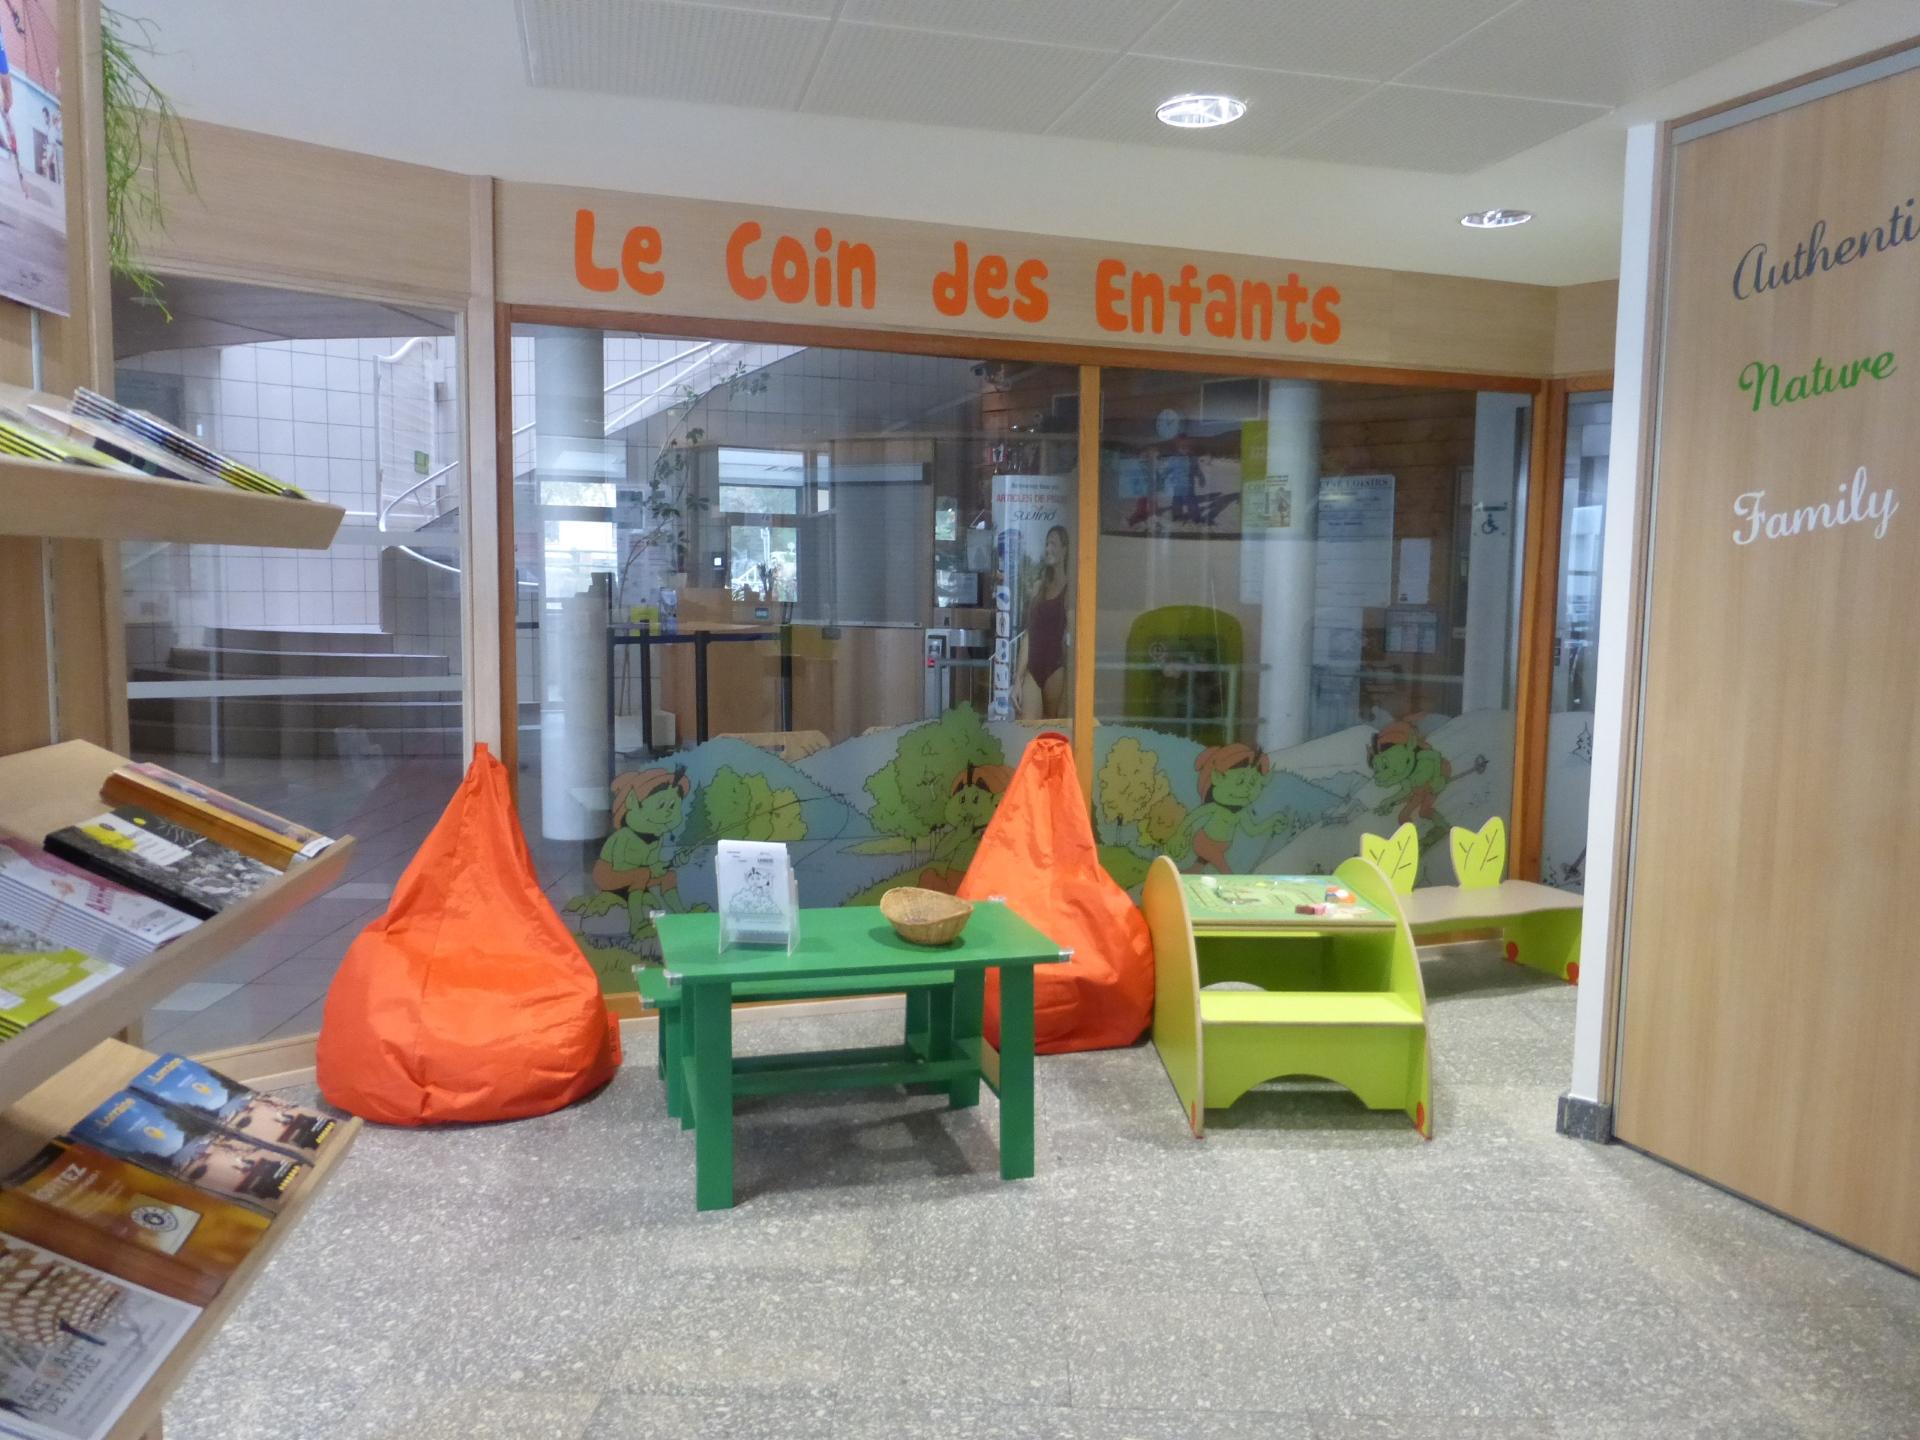 Office de tourisme de la bresse 88250 hautes vosges - Office de tourisme ventron ...